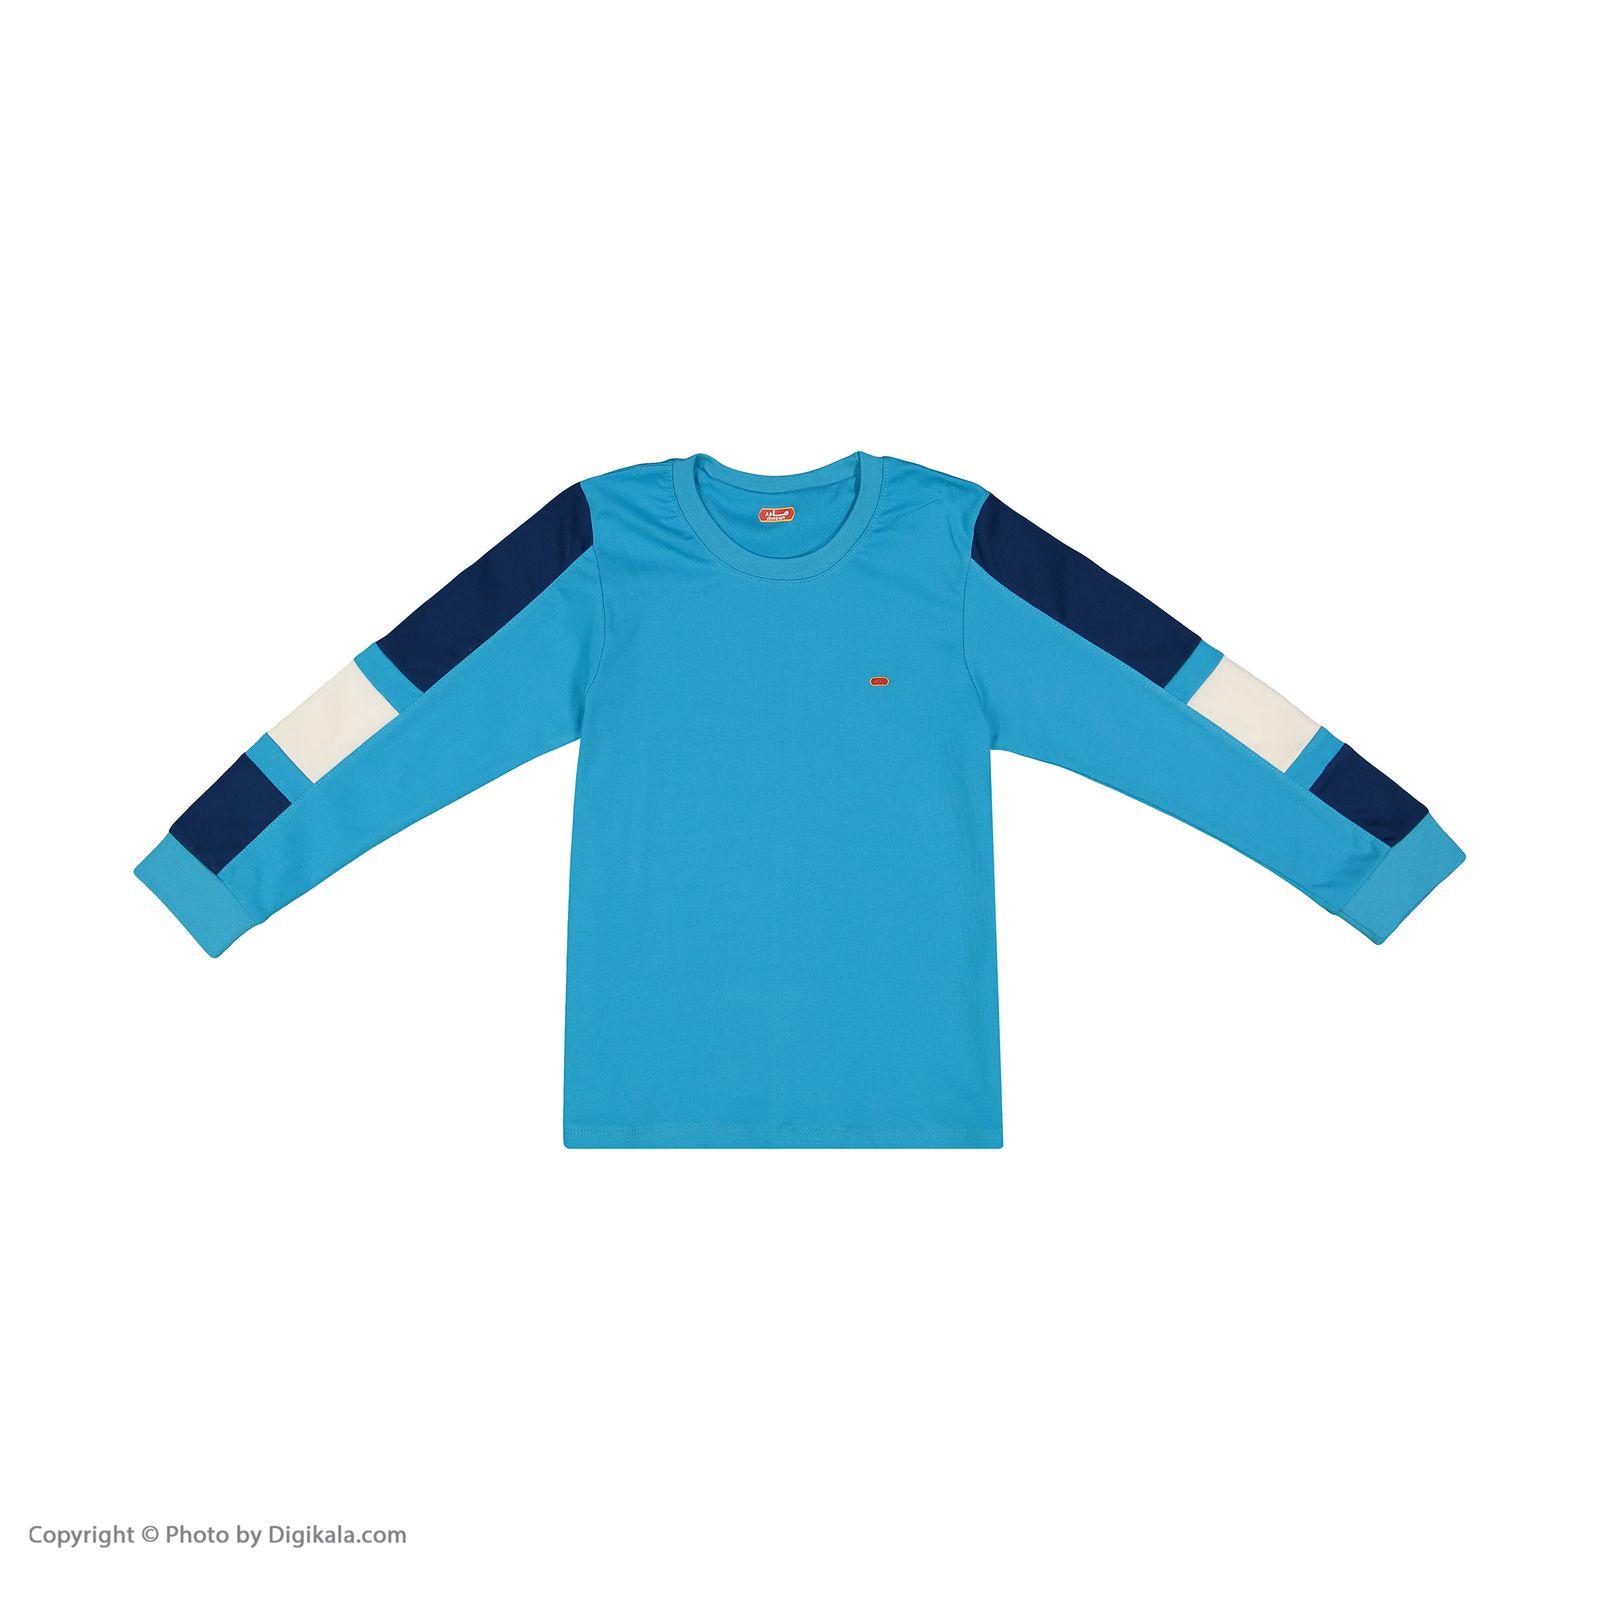 ست تی شرت و شلوار پسرانه مادر مدل 308-53 main 1 8